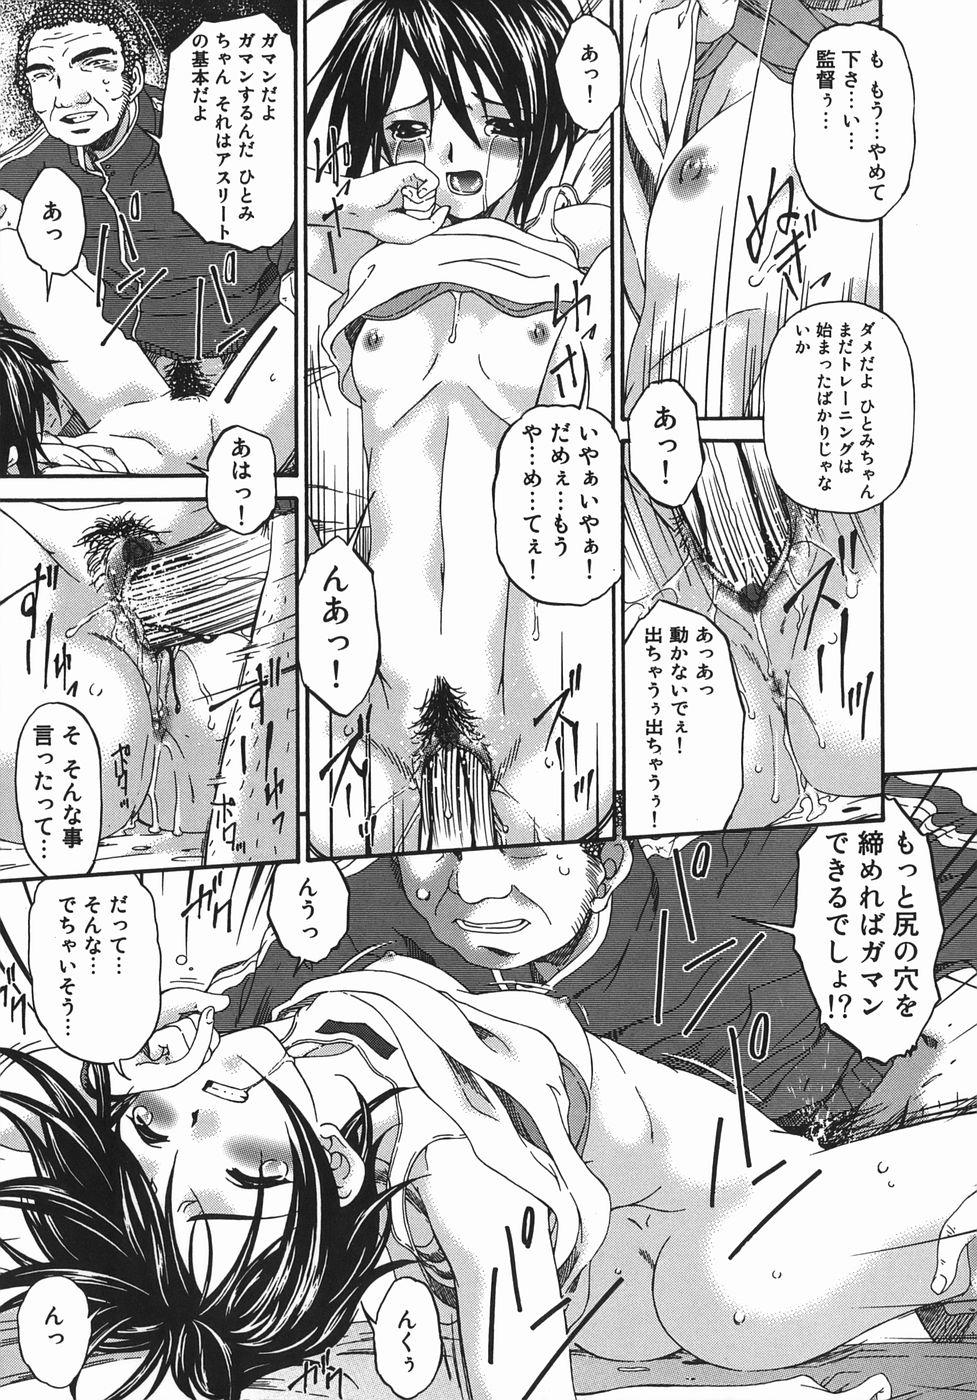 Hensachi ZERO kara no Seiteki Kyouiku 138